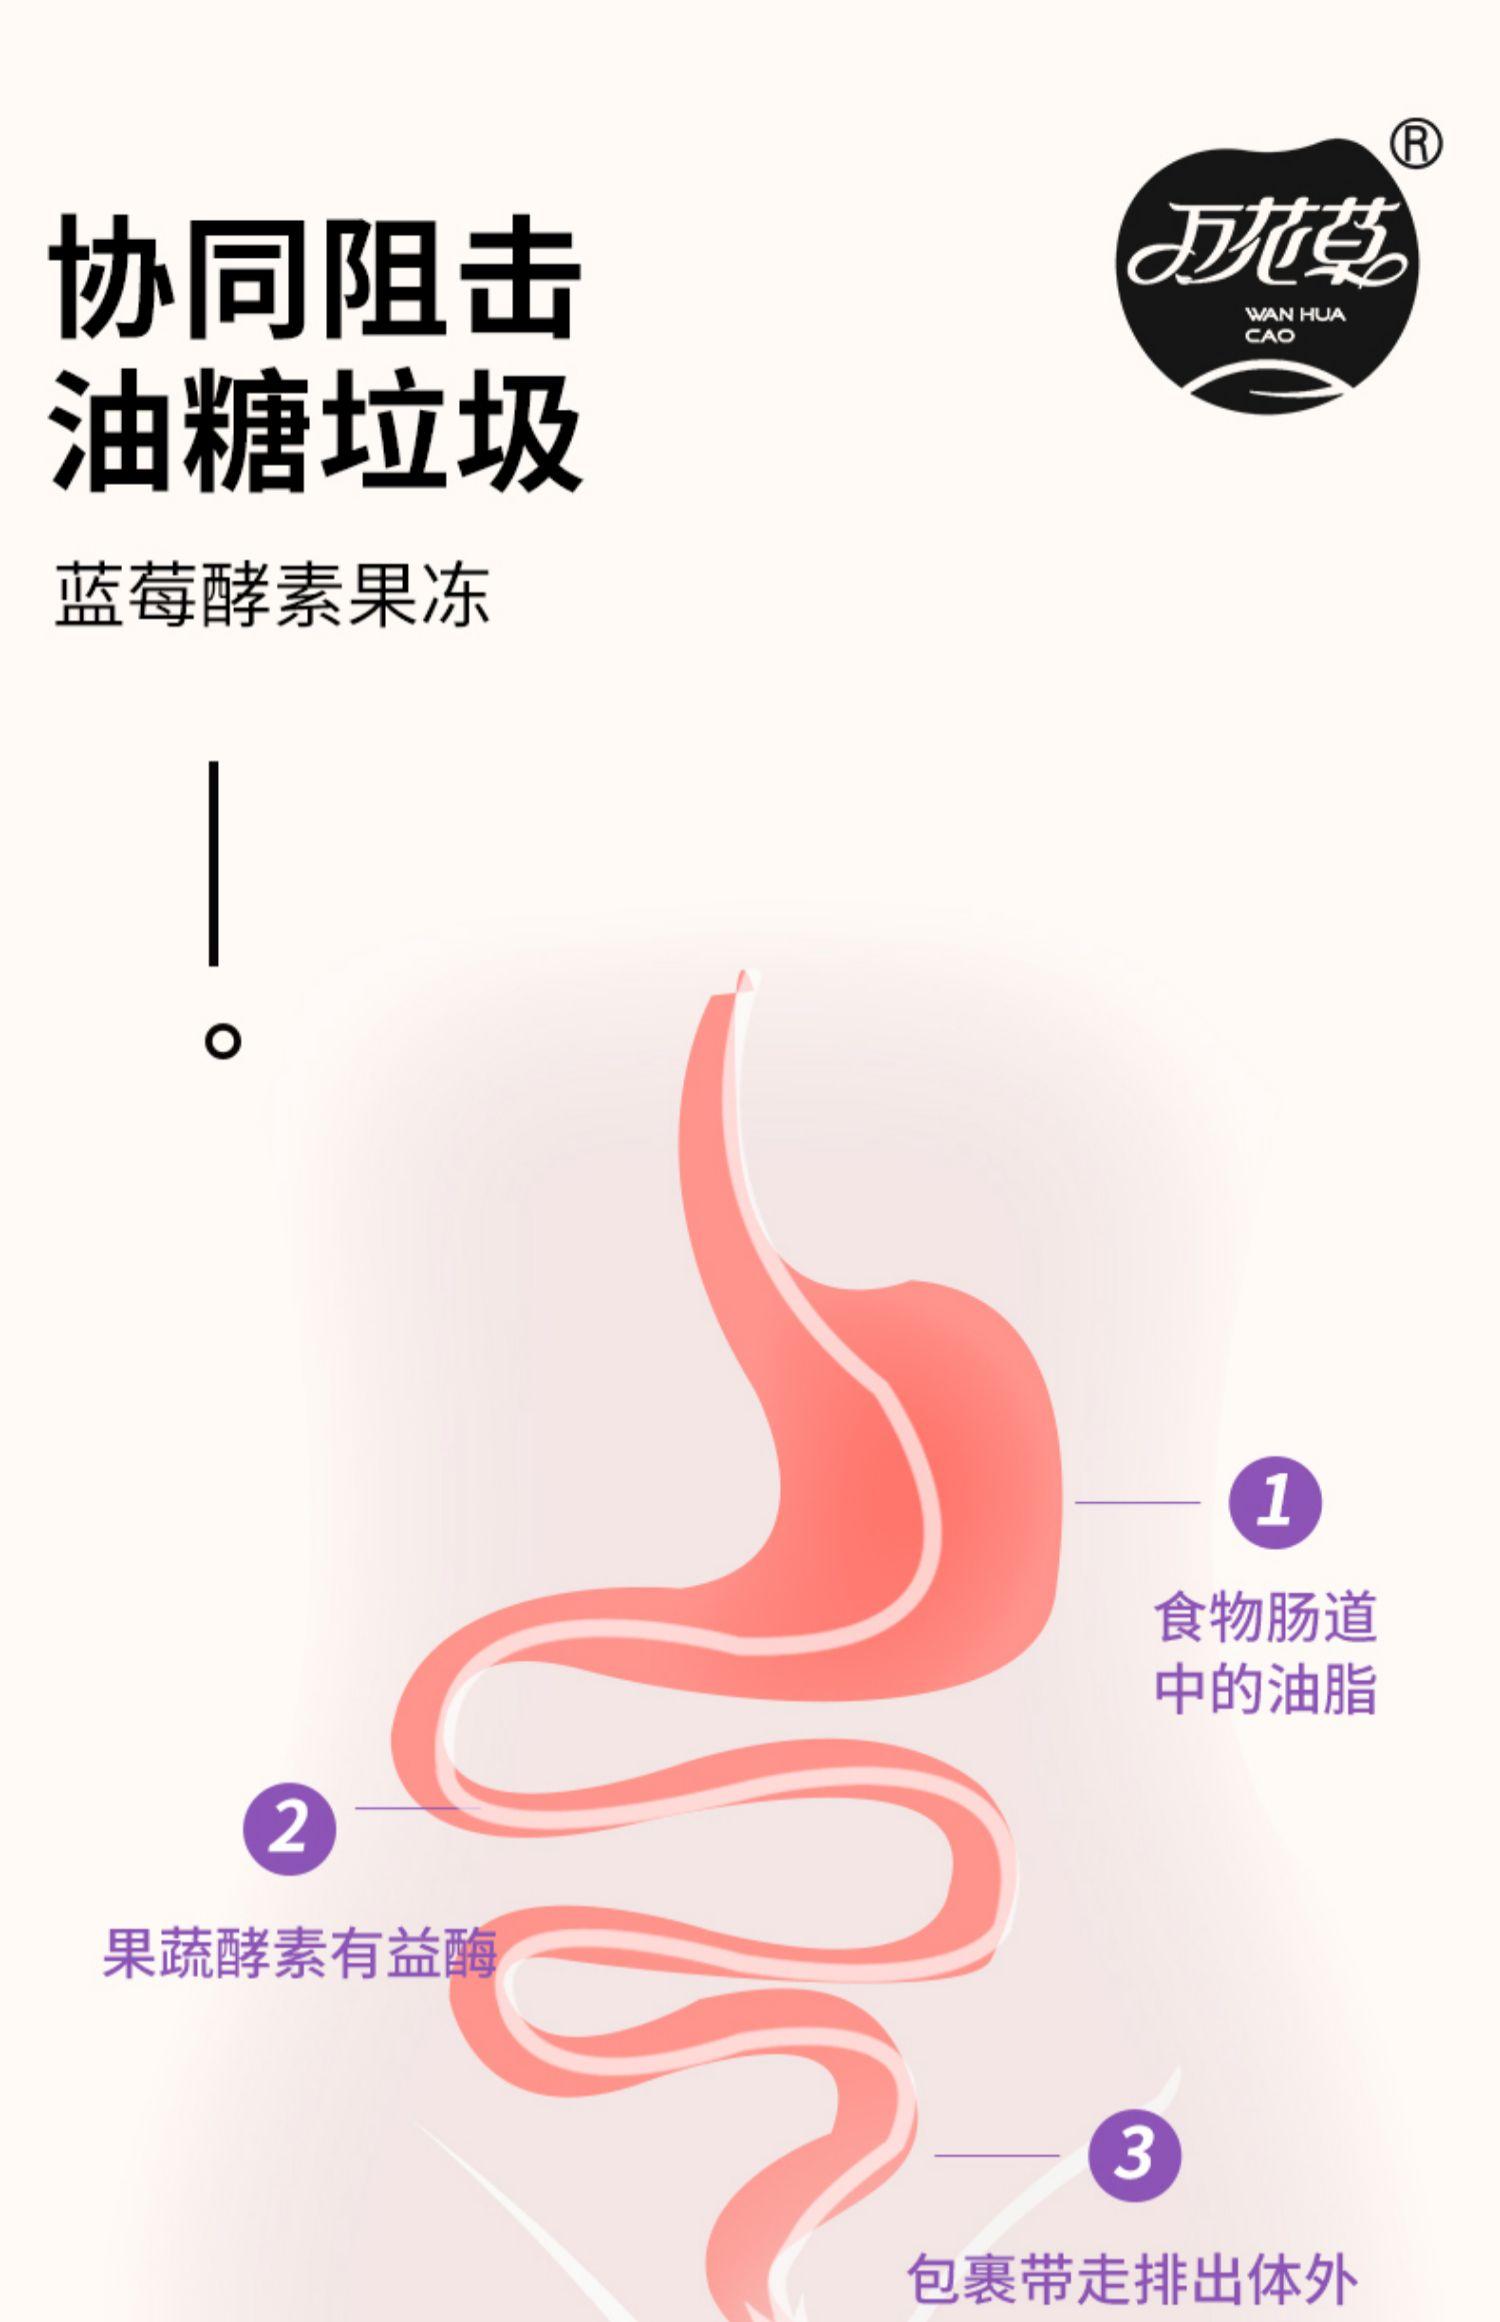 【万花草】益生元蓝莓酵素果冻7条10